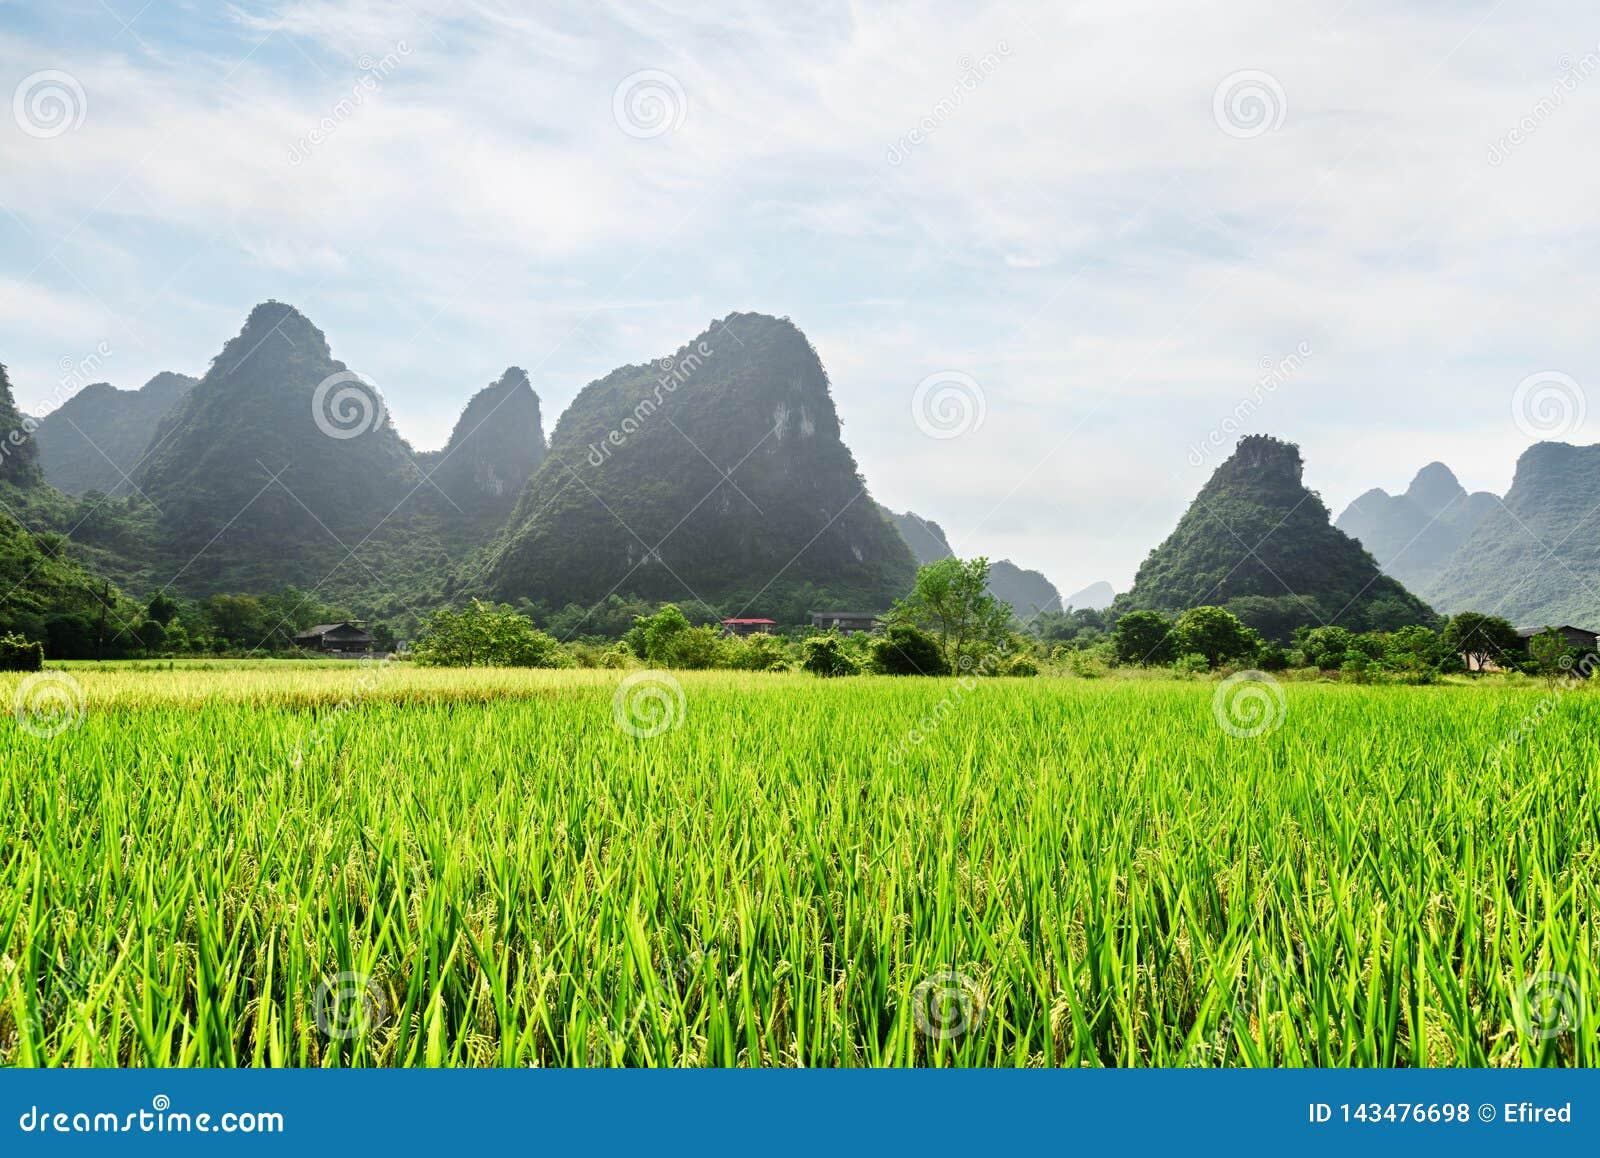 Καταπληκτική άποψη του πράσινου τομέα ρυζιού και των φυσικών βουνών καρστ